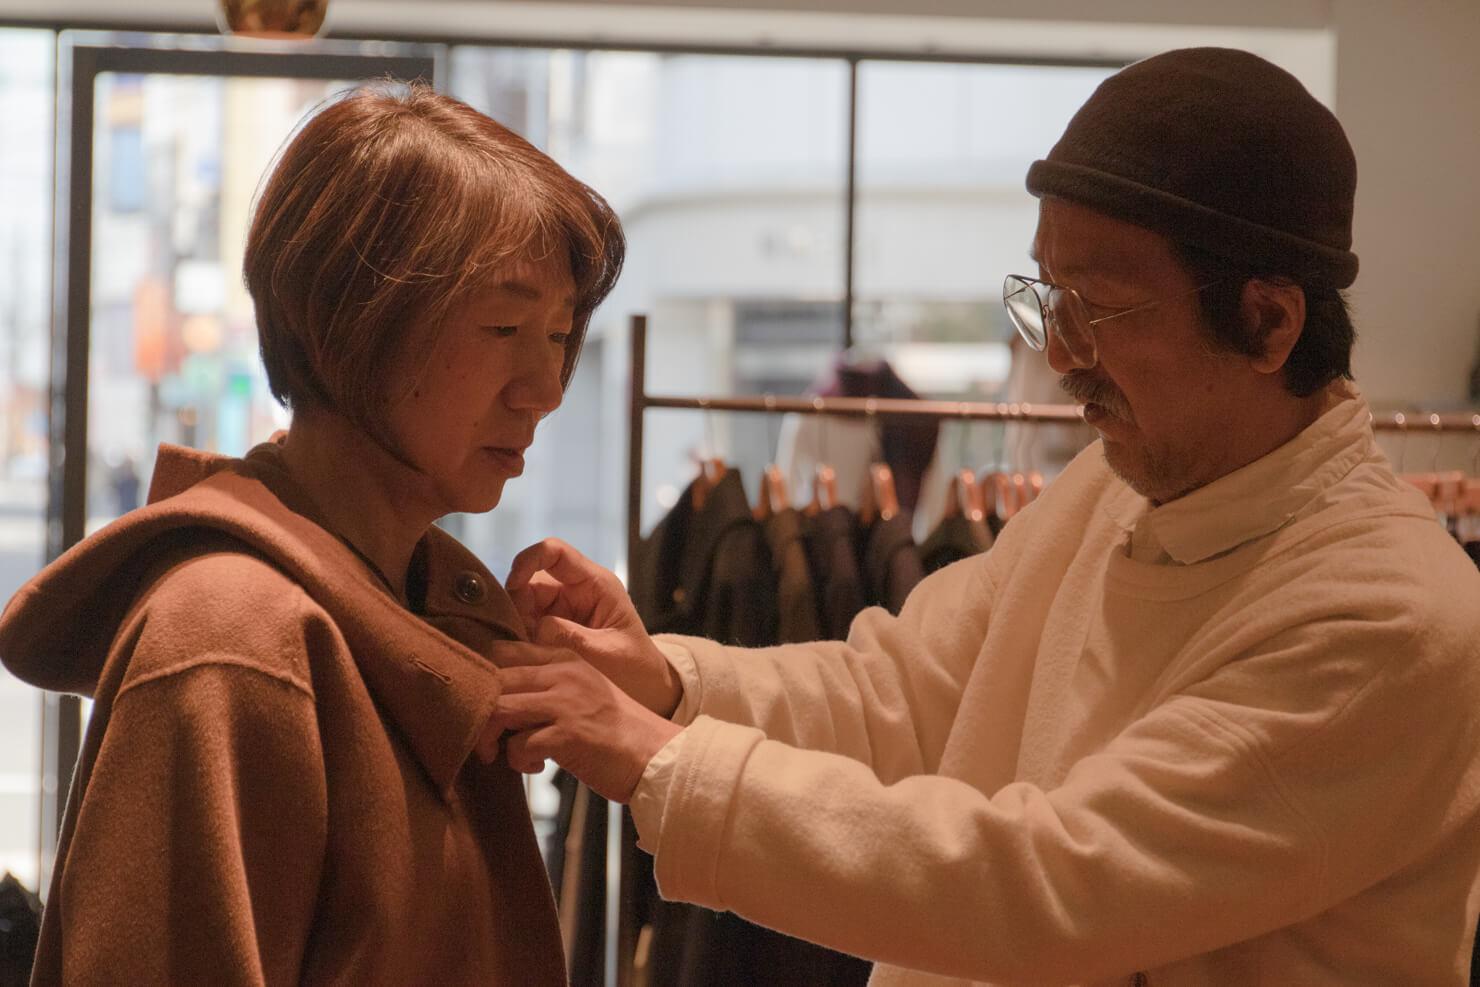 ガッツが浅田さんに襟を直してもらっている写真